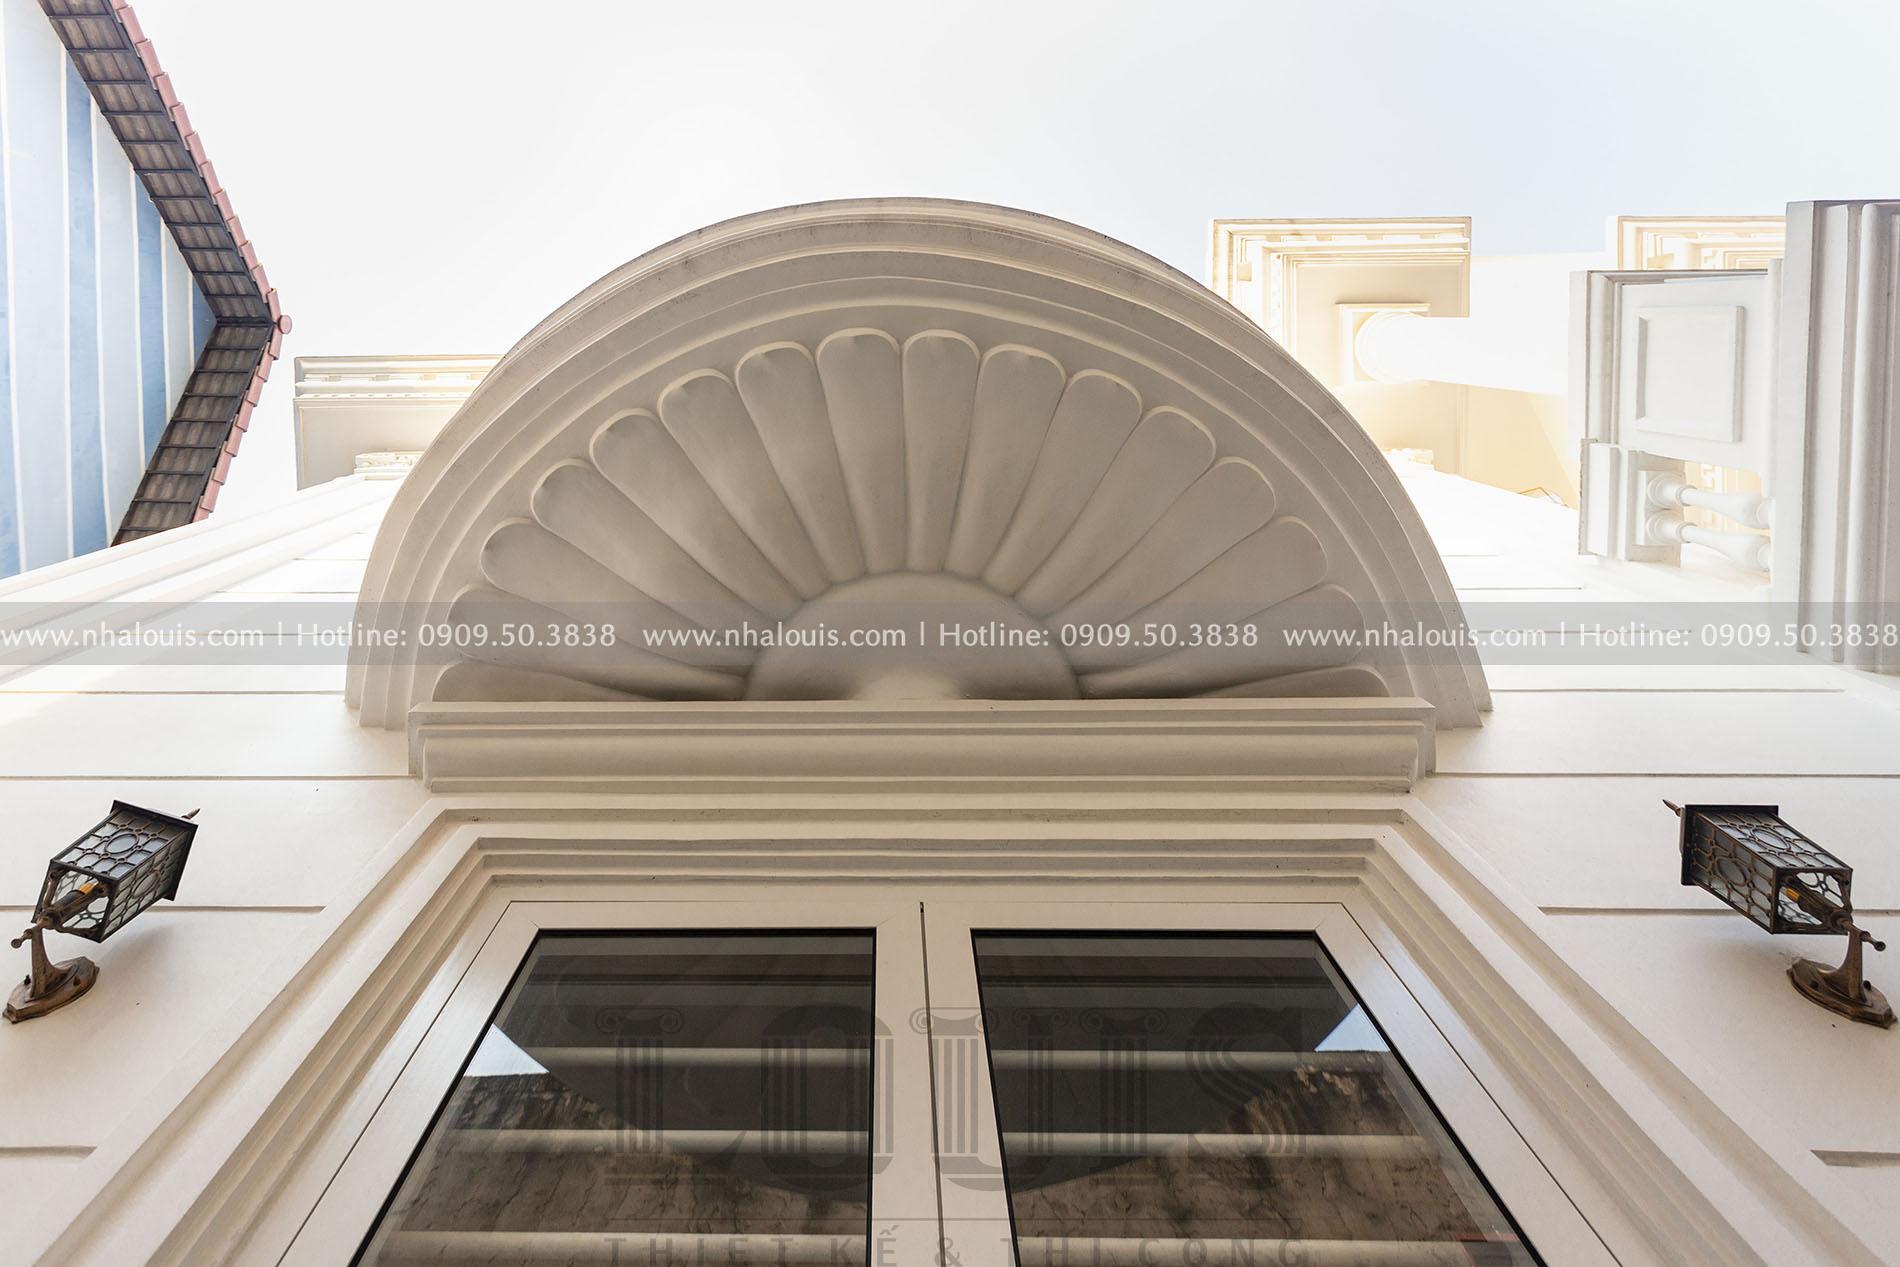 ban công Mặt tiền biệt thự 3 tầng mái Mansard tại Bình Dương